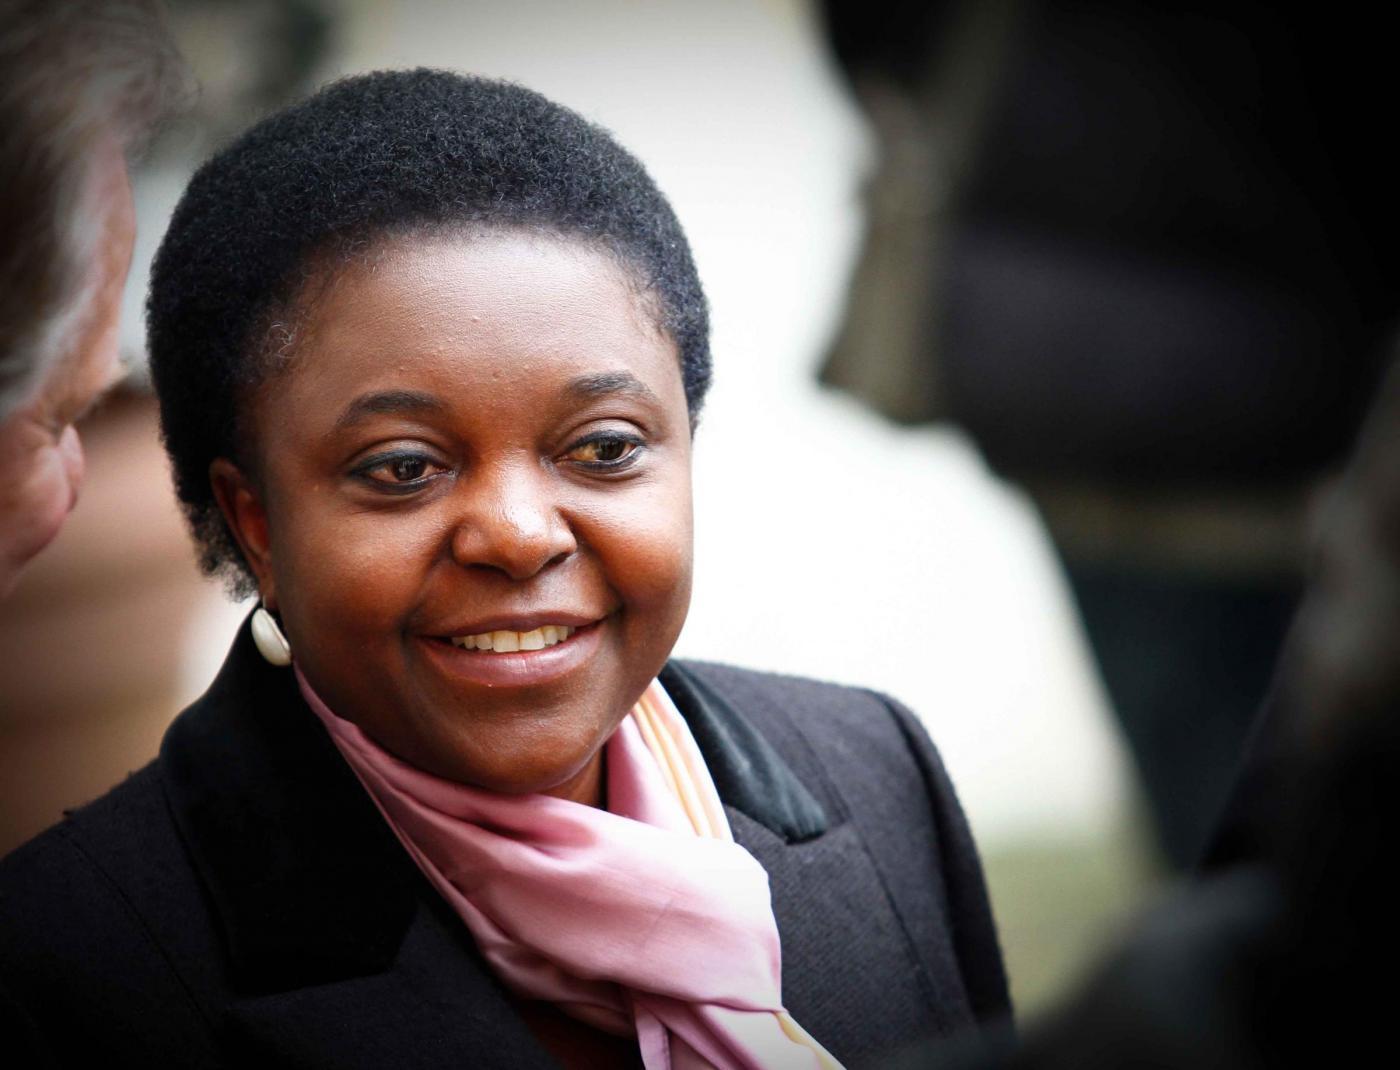 Caso Kyenge: la stampa estera contro il razzismo